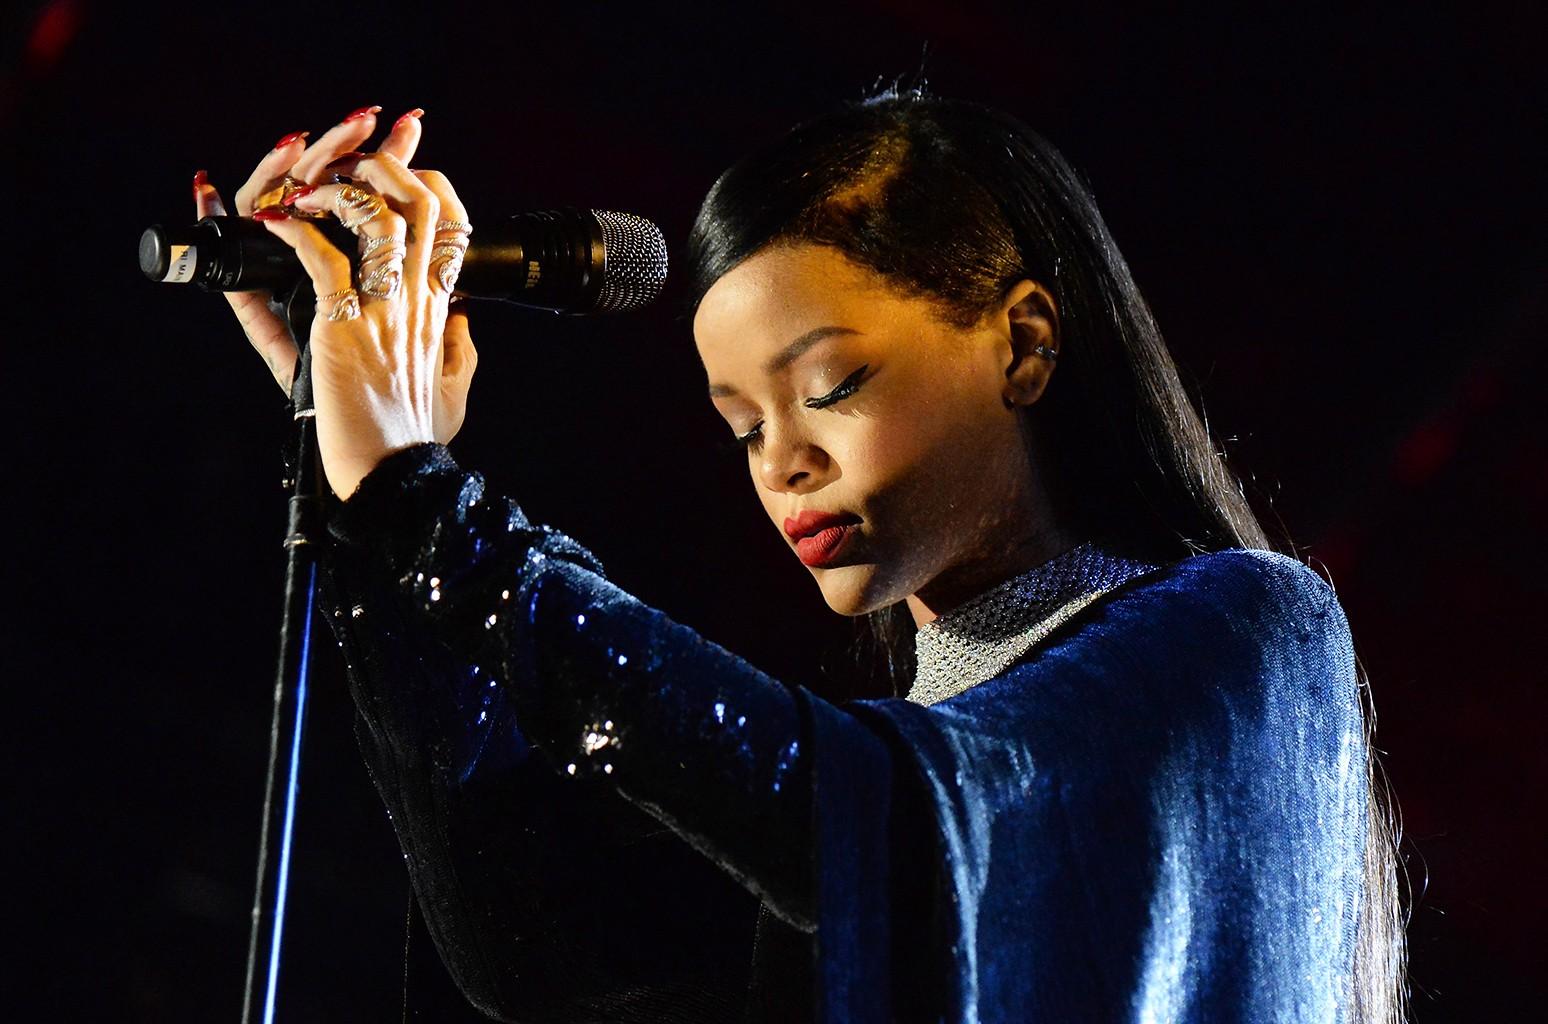 Rihanna S Love On The Brain Next Anti Single Billboard Billboard